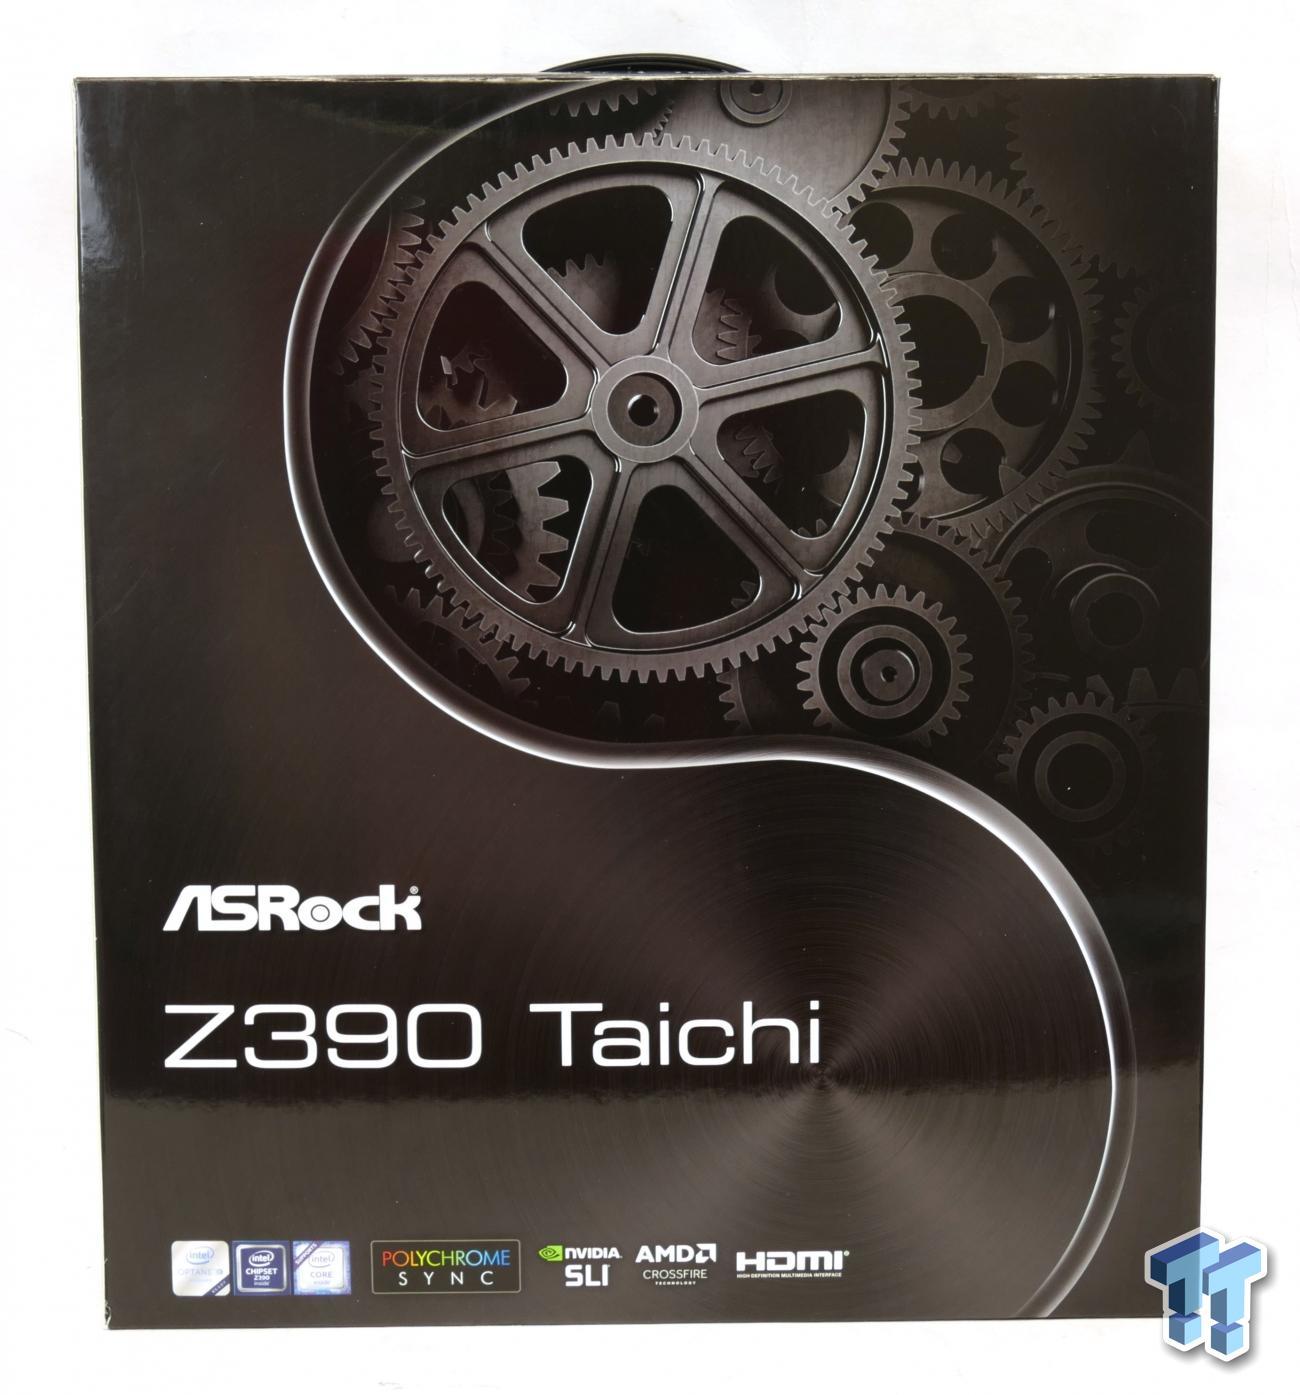 ASRock Z390 Taichi (Intel Z390) Motherboard Preview